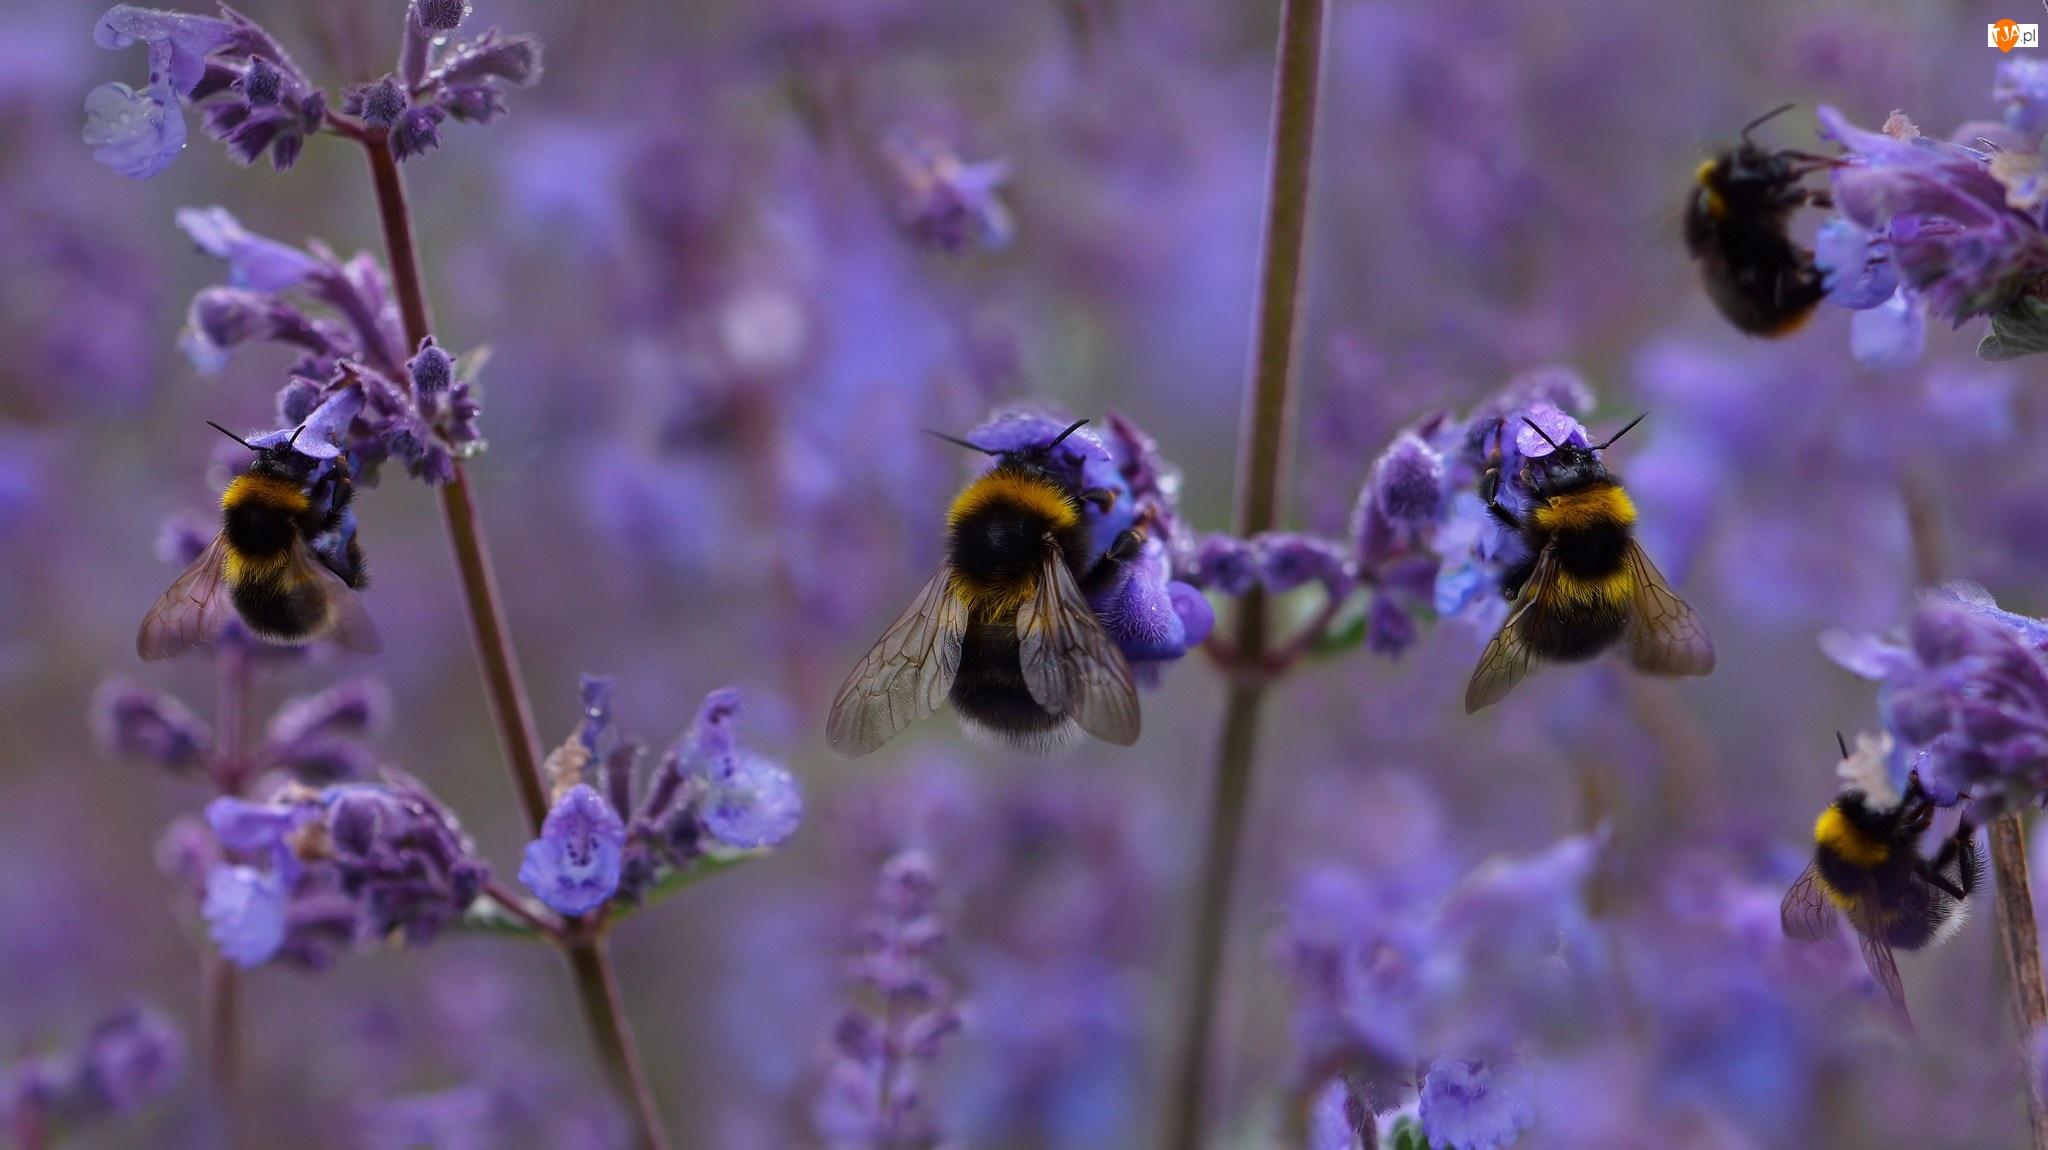 Kwiaty, Owady, Trzmiele, Fioletowe